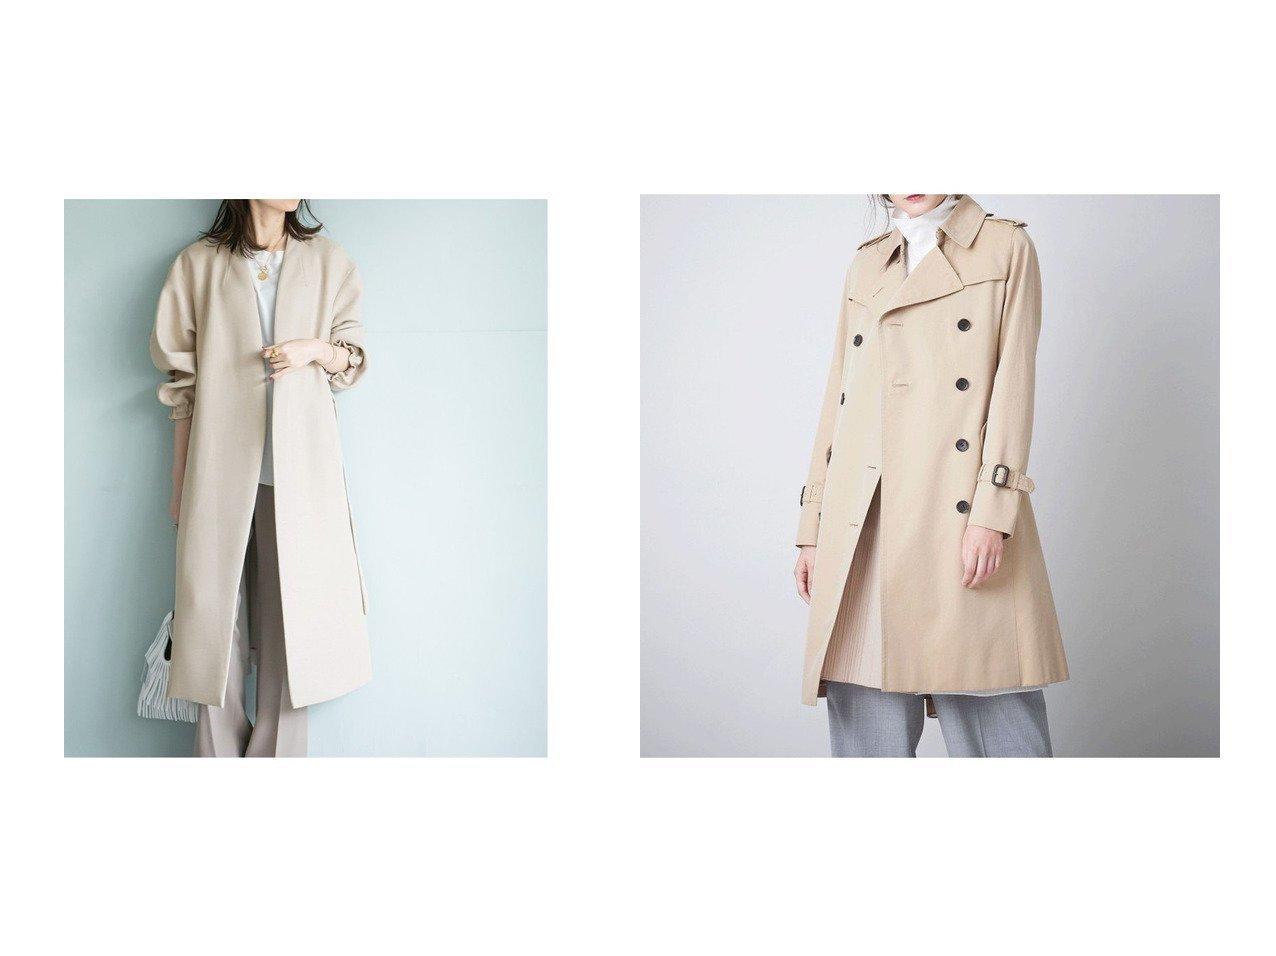 【SANYO COAT/サンヨーコート】のダブルトレンチコート&【NOBLE / Spick & Span/ノーブル / スピック&スパン】の《追加》トリプルクロスパフスリーブコート 【アウター】おすすめ!人気、トレンド・レディースファッションの通販 おすすめで人気の流行・トレンド、ファッションの通販商品 メンズファッション・キッズファッション・インテリア・家具・レディースファッション・服の通販 founy(ファニー) https://founy.com/ ファッション Fashion レディースファッション WOMEN アウター Coat Outerwear コート Coats トレンチコート Trench Coats 軽量 スリーブ 人気 フェミニン リラックス ロング 2021年 2021 再入荷 Restock/Back in Stock/Re Arrival S/S・春夏 SS・Spring/Summer 2021春夏・S/S SS/Spring/Summer/2021 エレガント スタンダード ダブル パープル プリーツ ポケット ライナー リバーシブル |ID:crp329100000032419